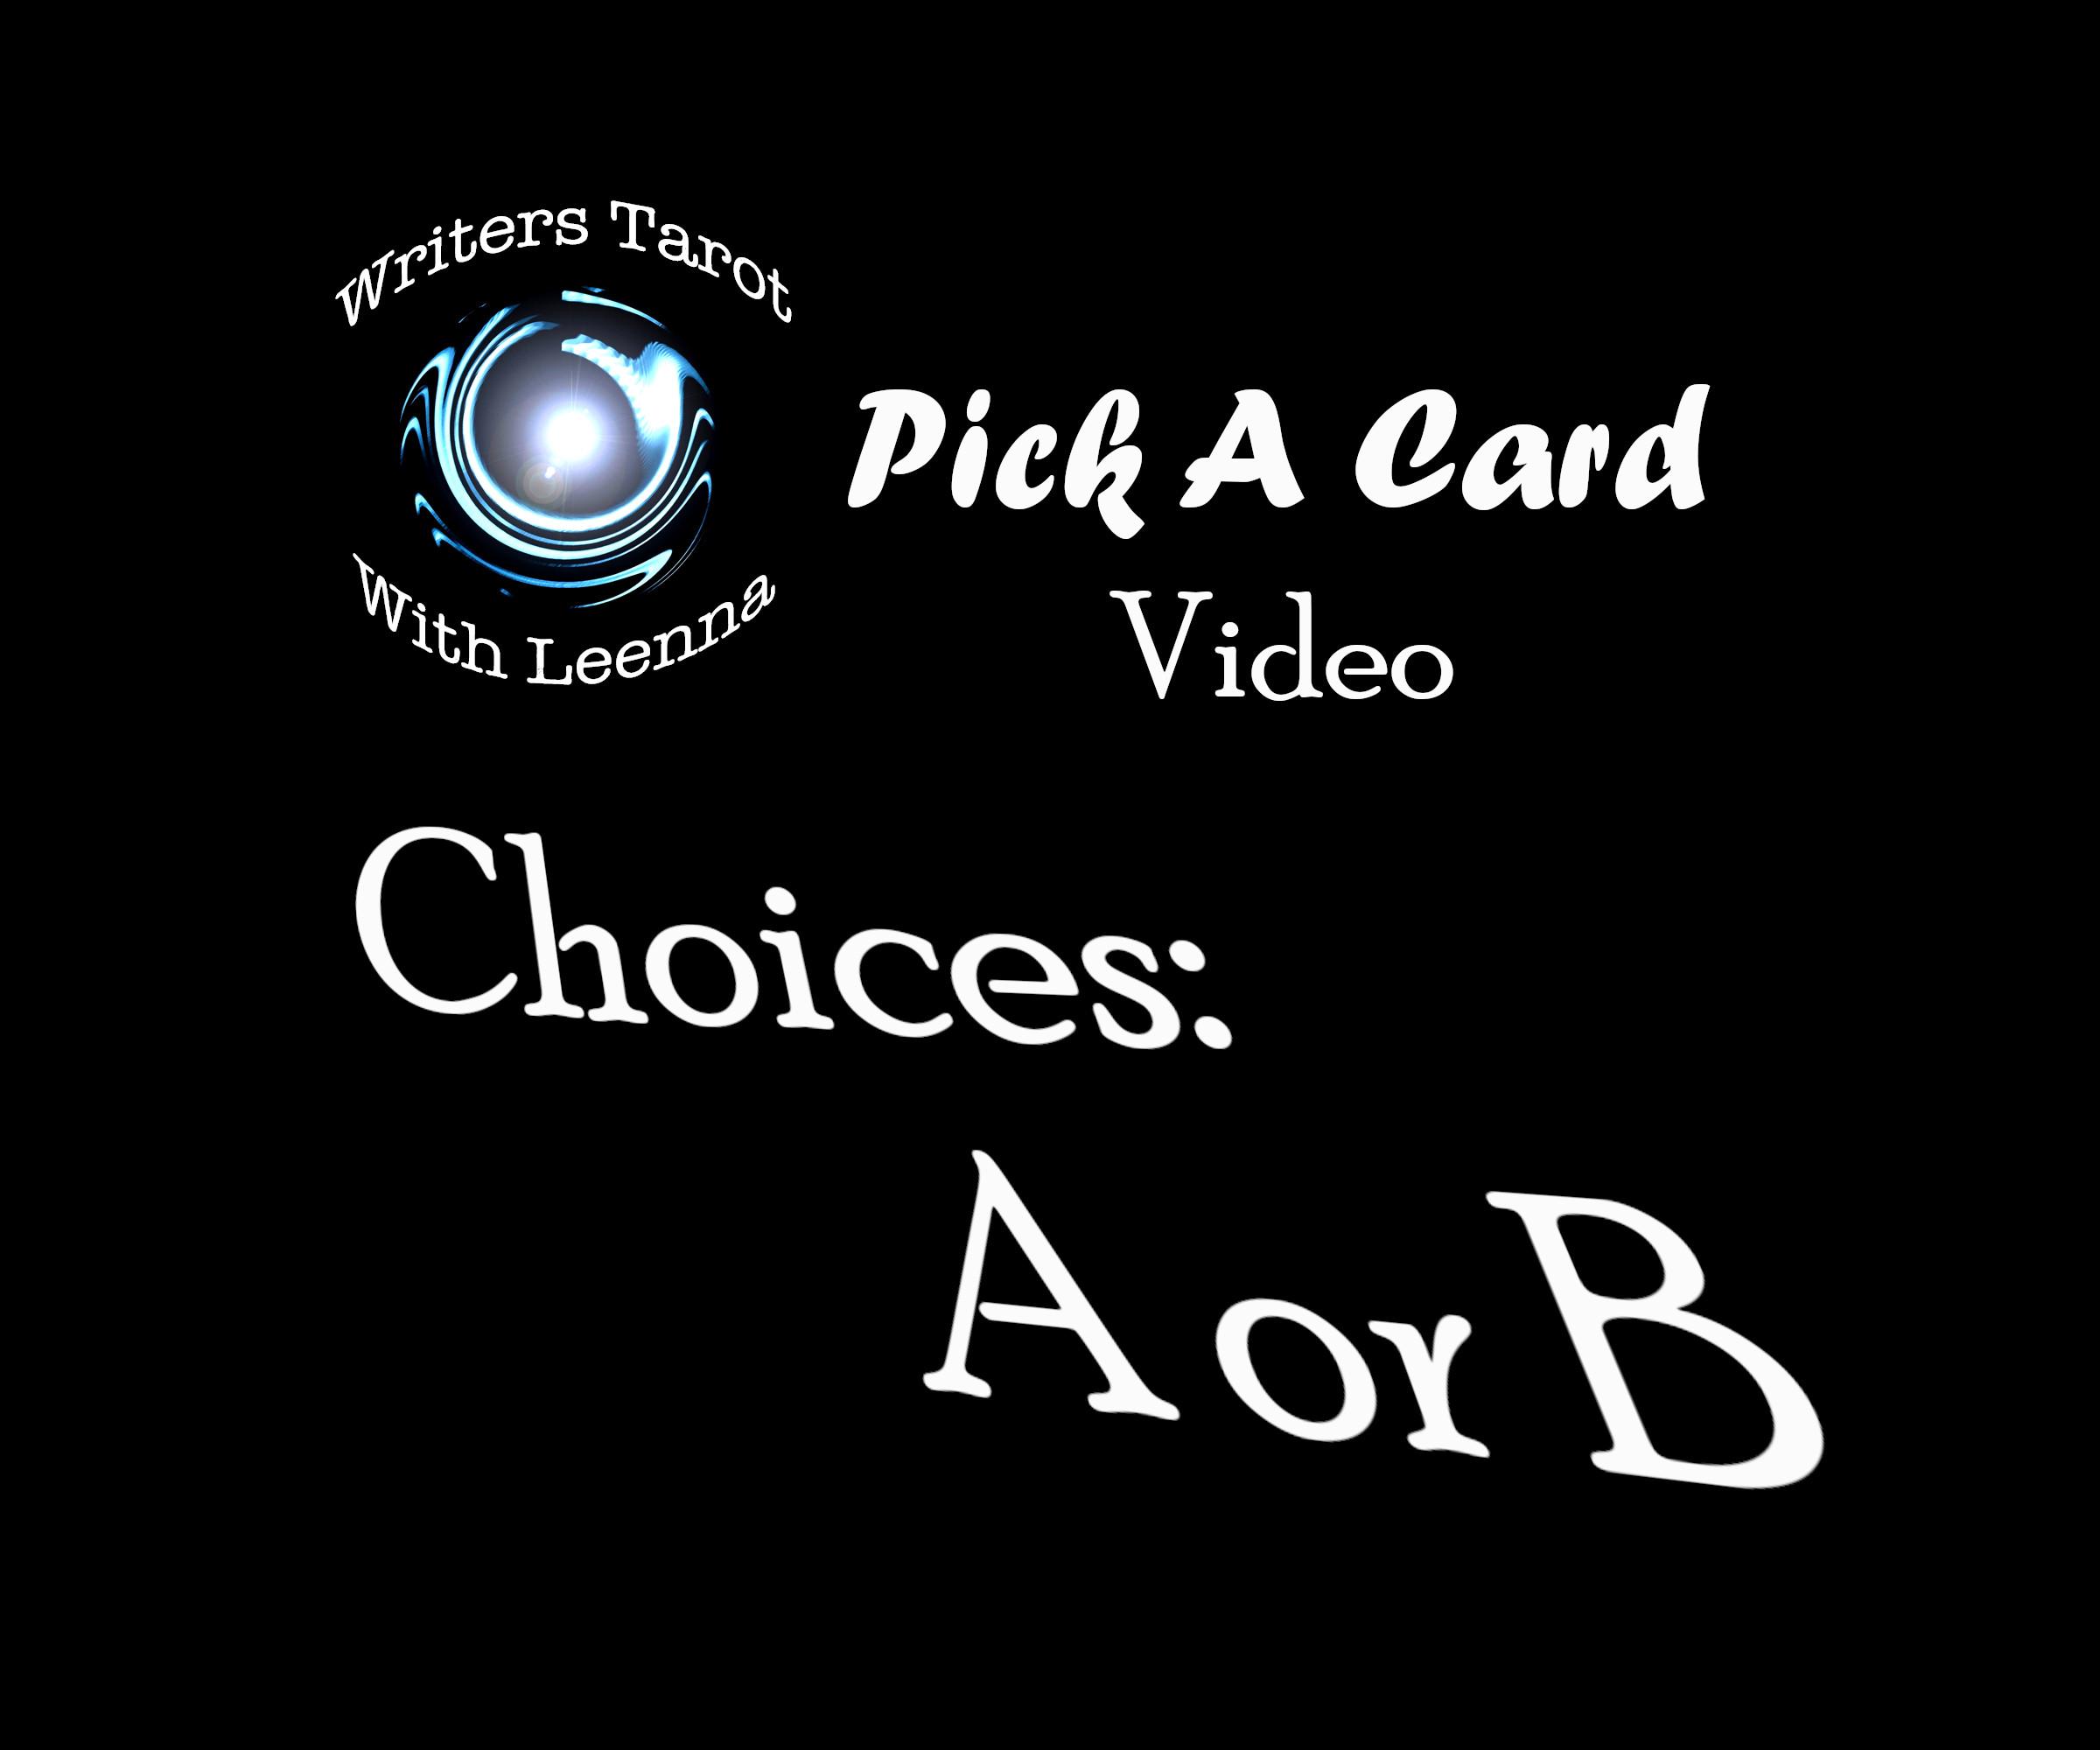 Pick A Card Video: Choices A Or B